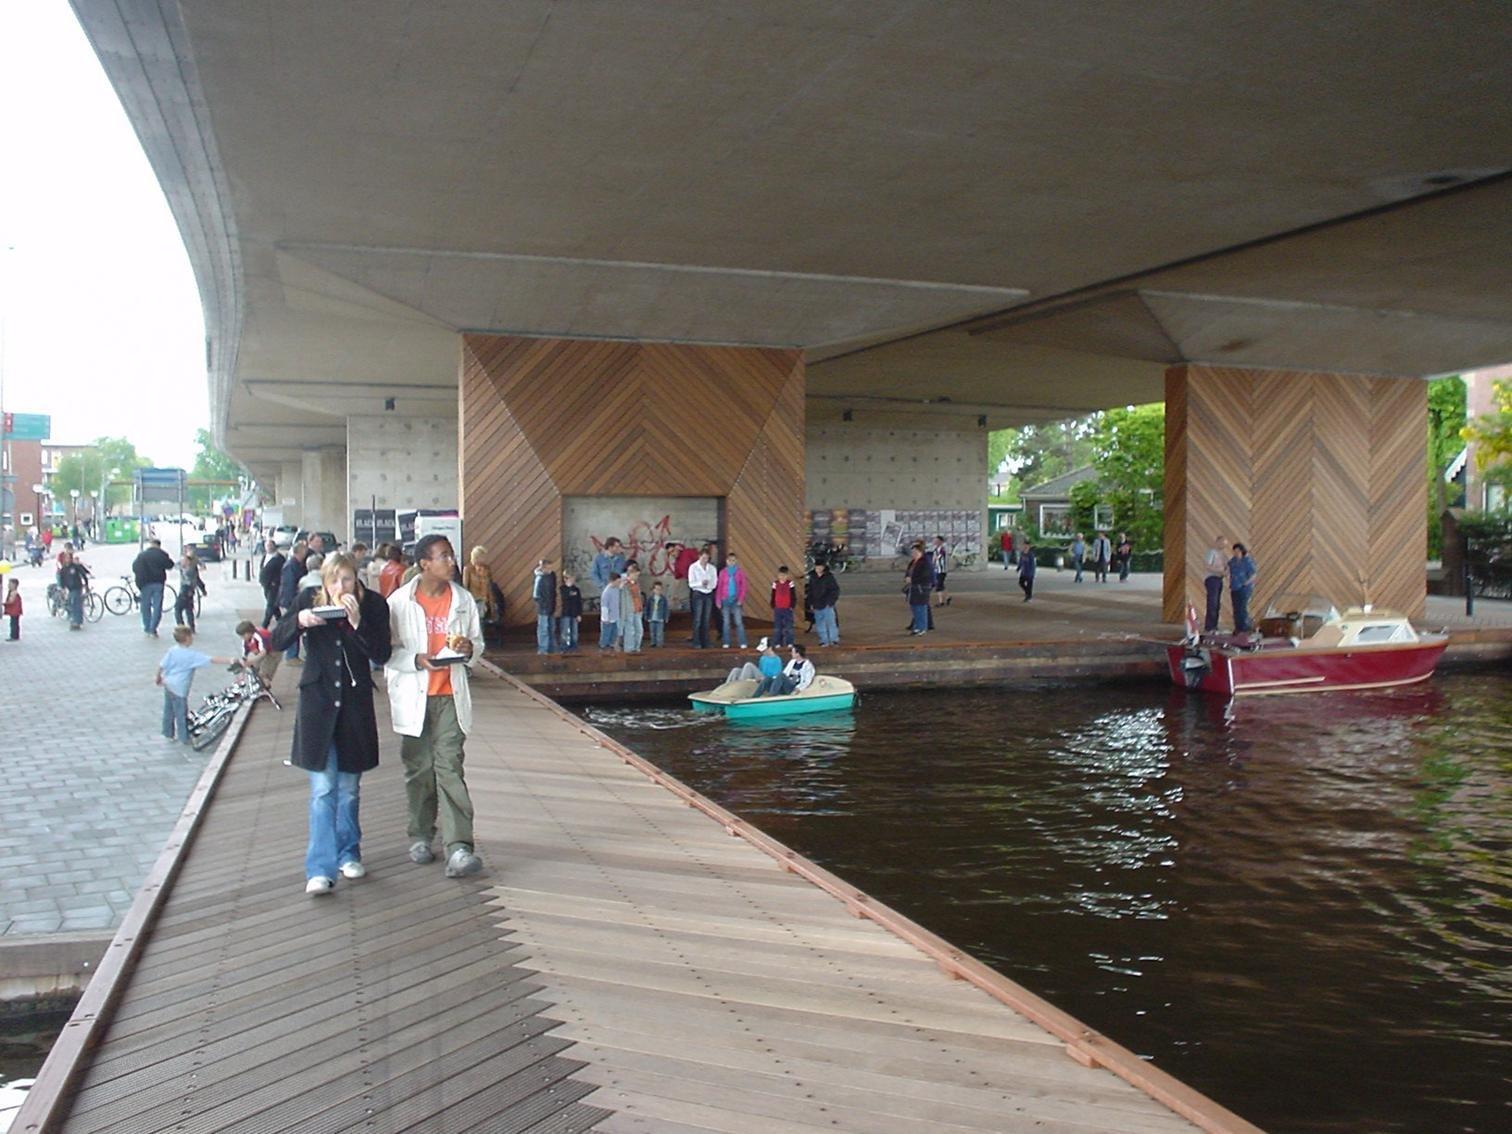 你见过哪些设计优秀的桥下空间? 知乎